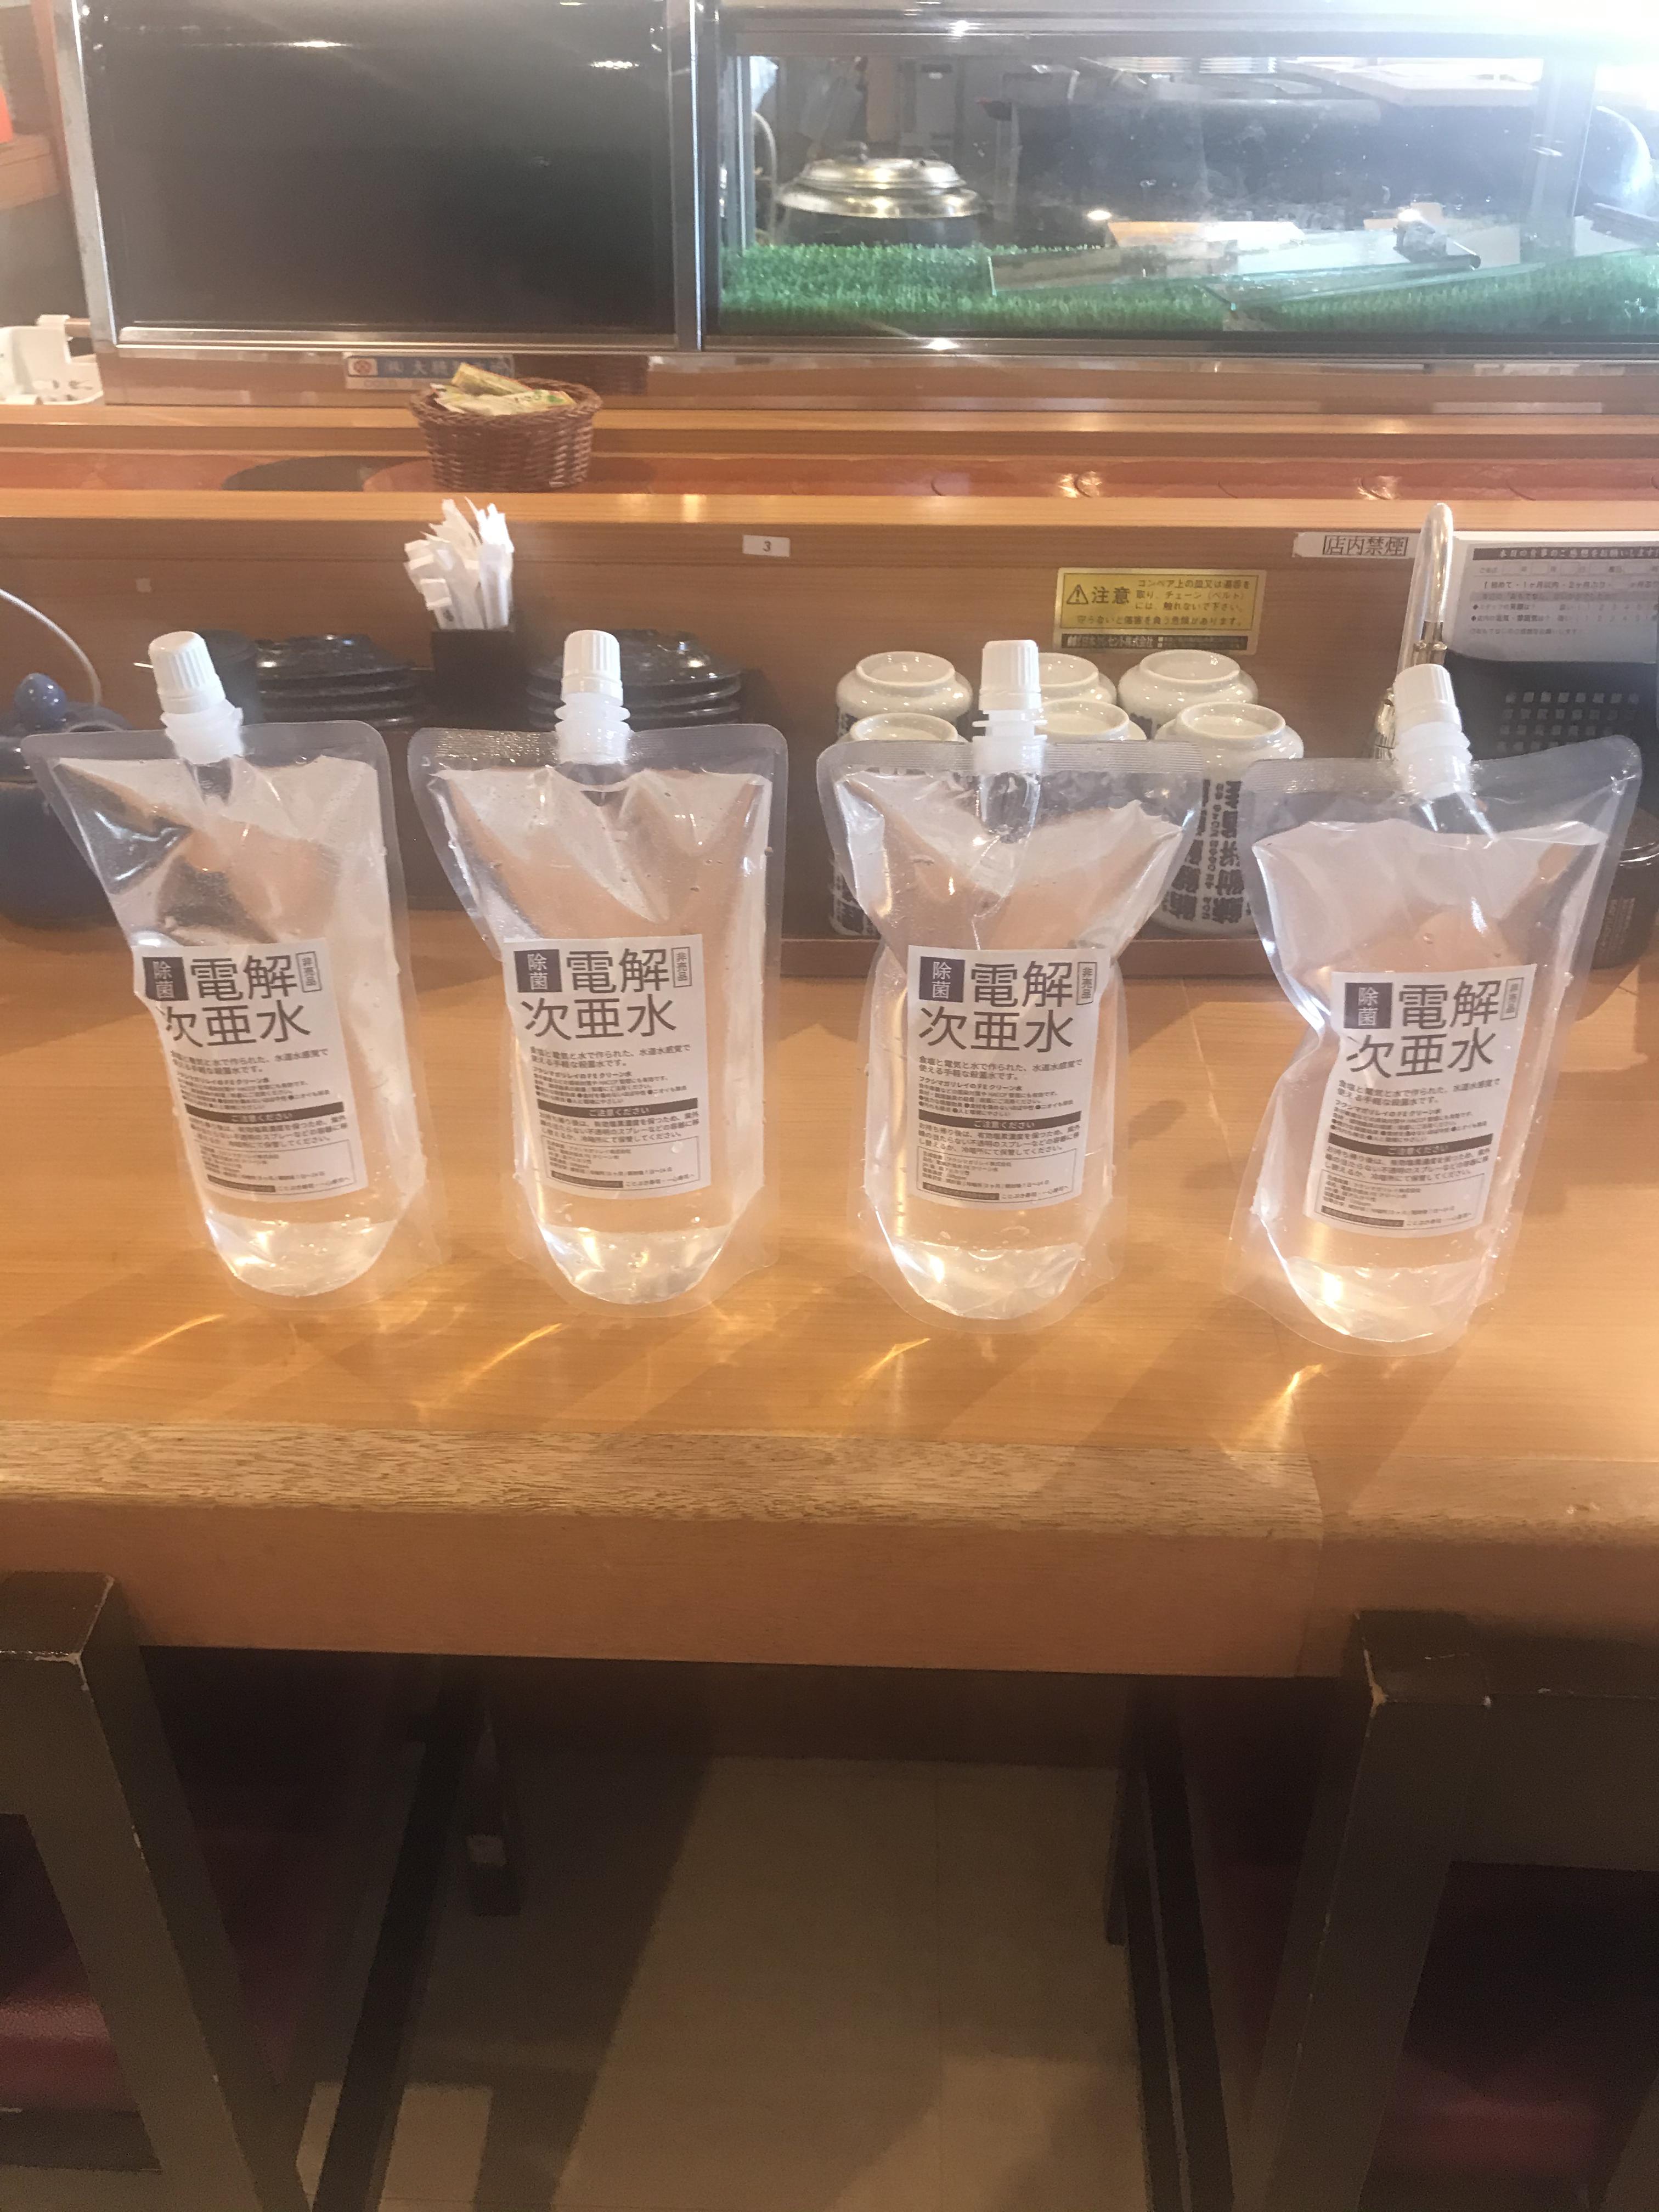 除菌水配布しております!